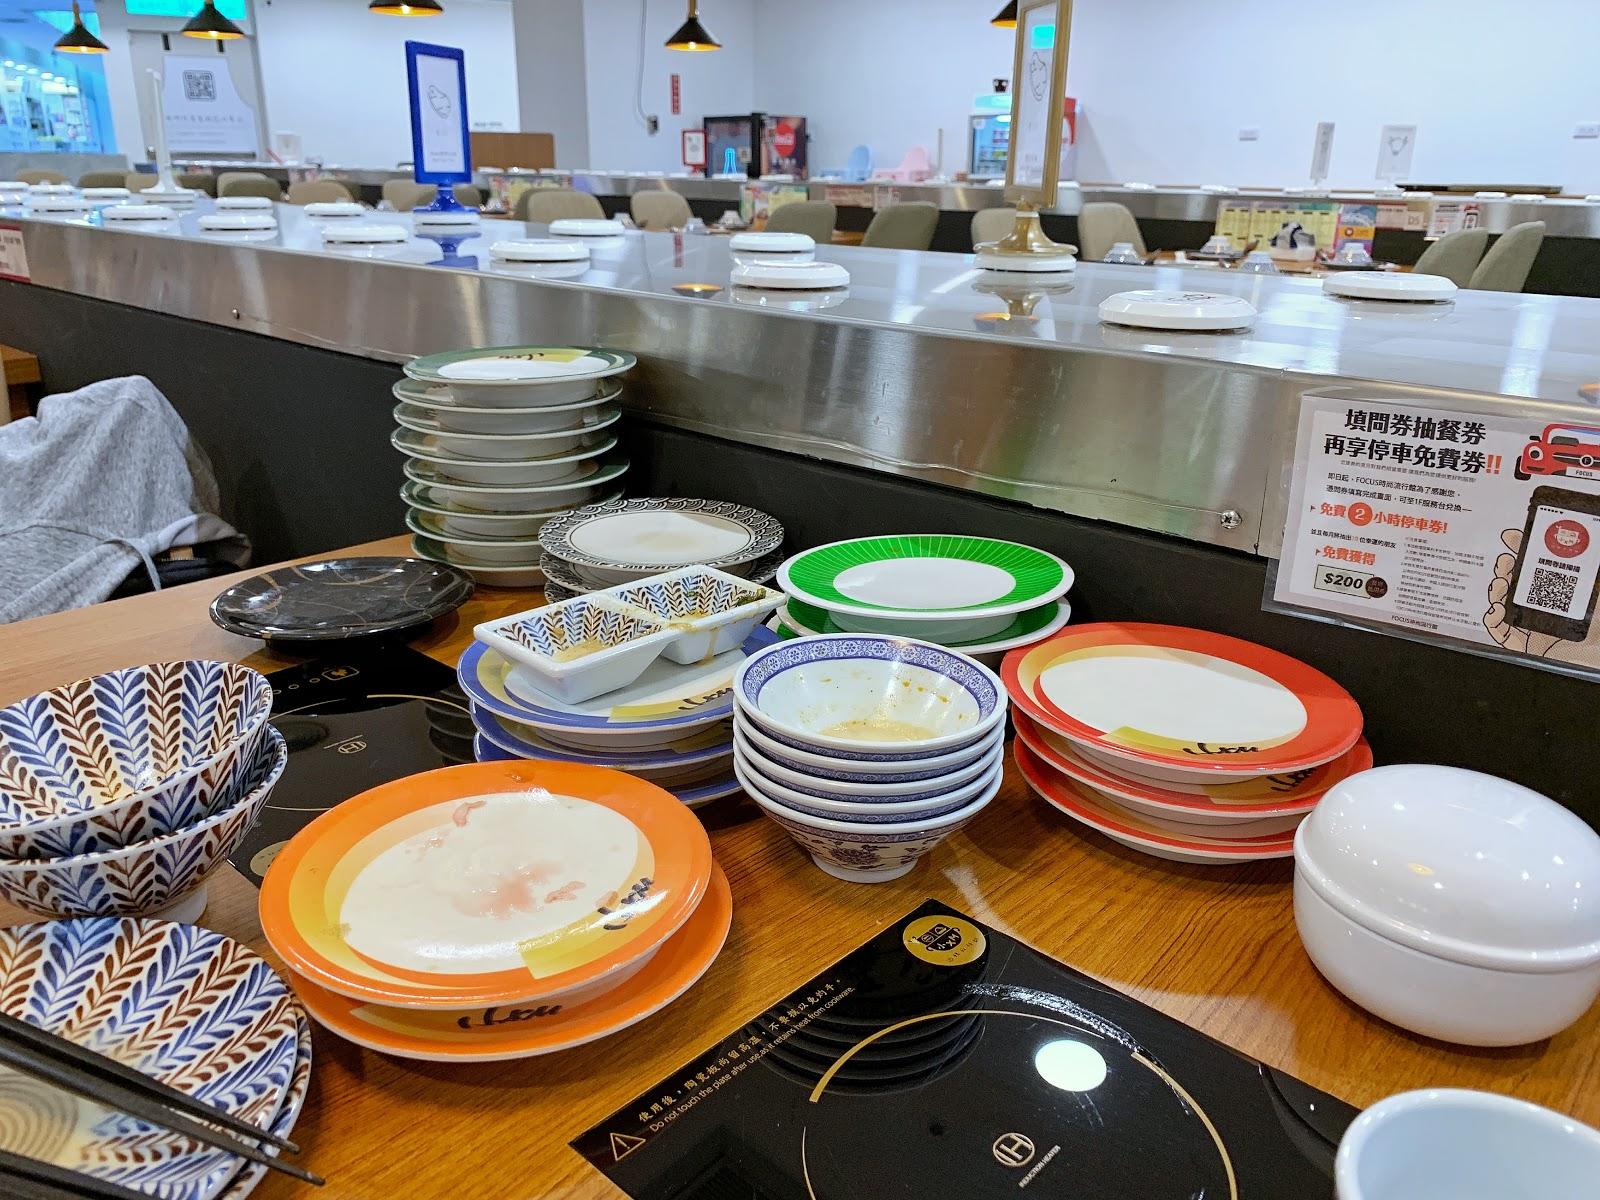 小XM迴轉麻辣鍋,用餐完畢後,將盤子依照顏色分類放好,還可以免一成服務費